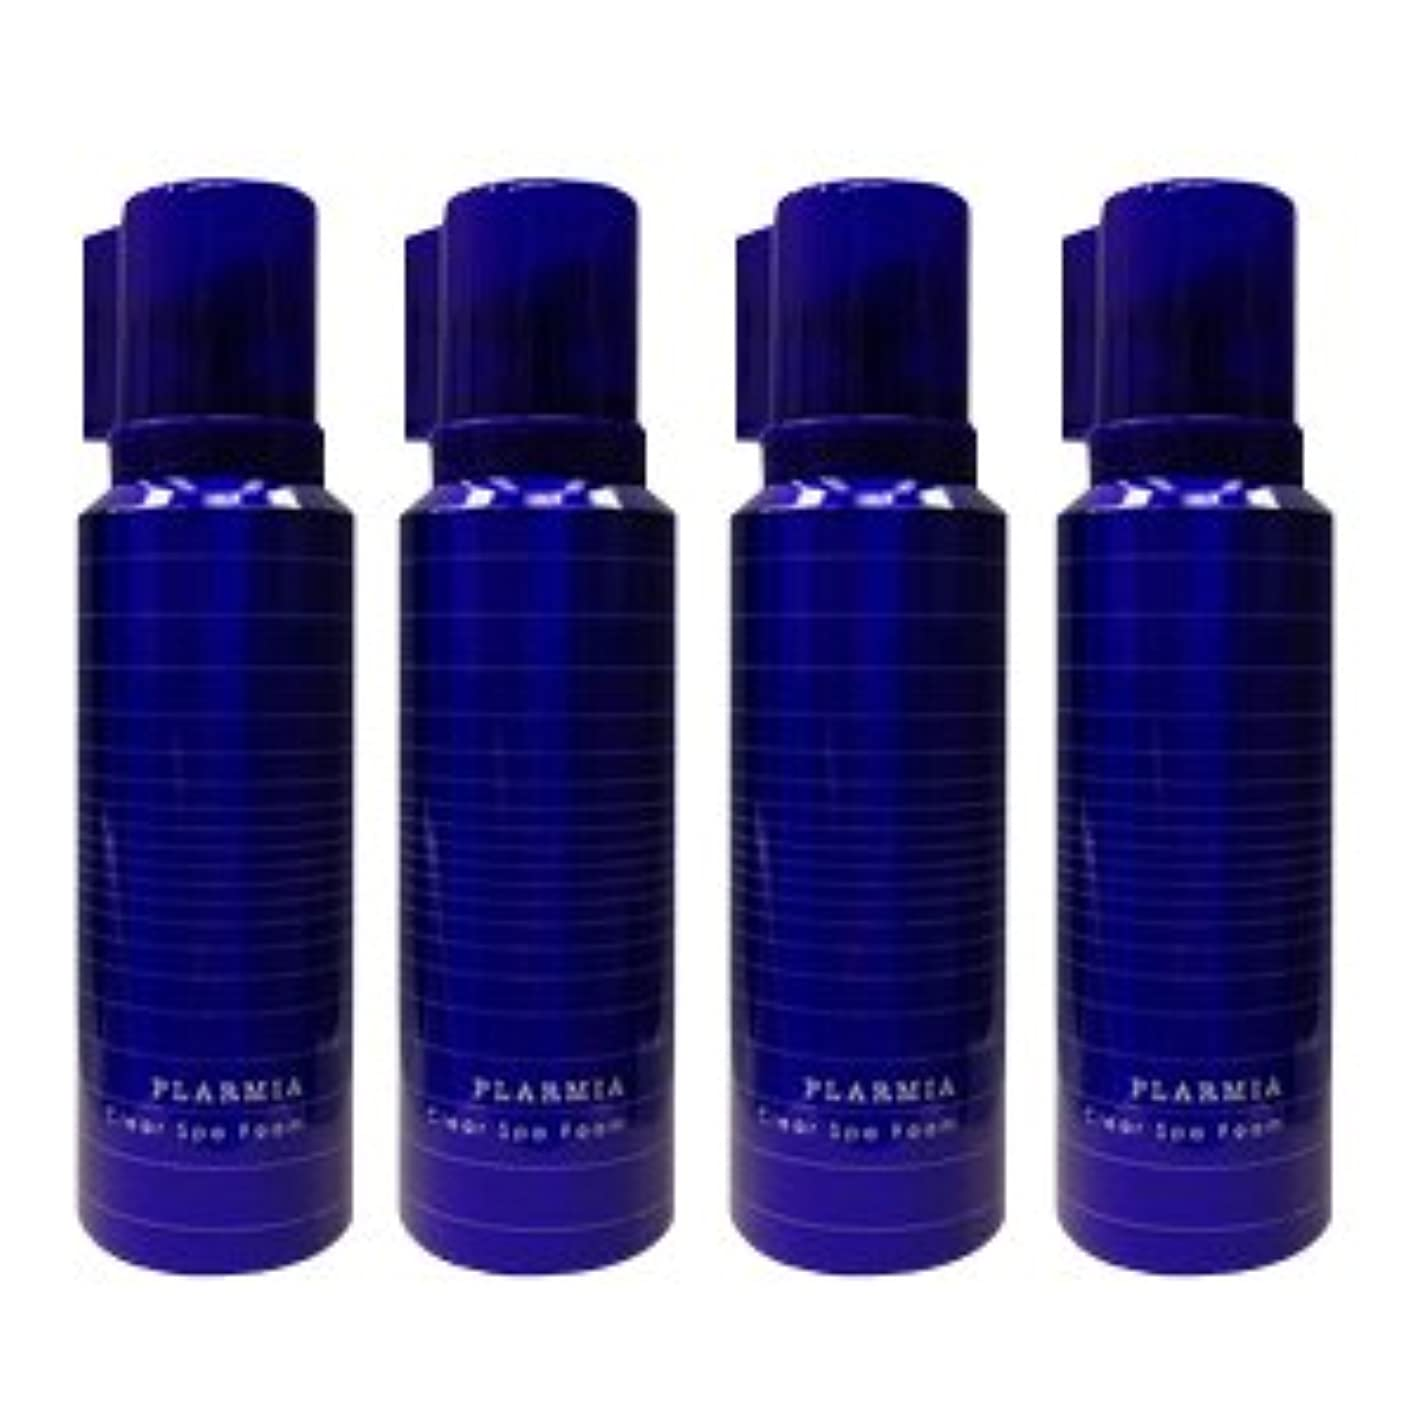 【X4個セット】 ミルボン プラーミア クリアスパフォーム 170g 【炭酸スパクレンジング】 Milbon PLARMIA